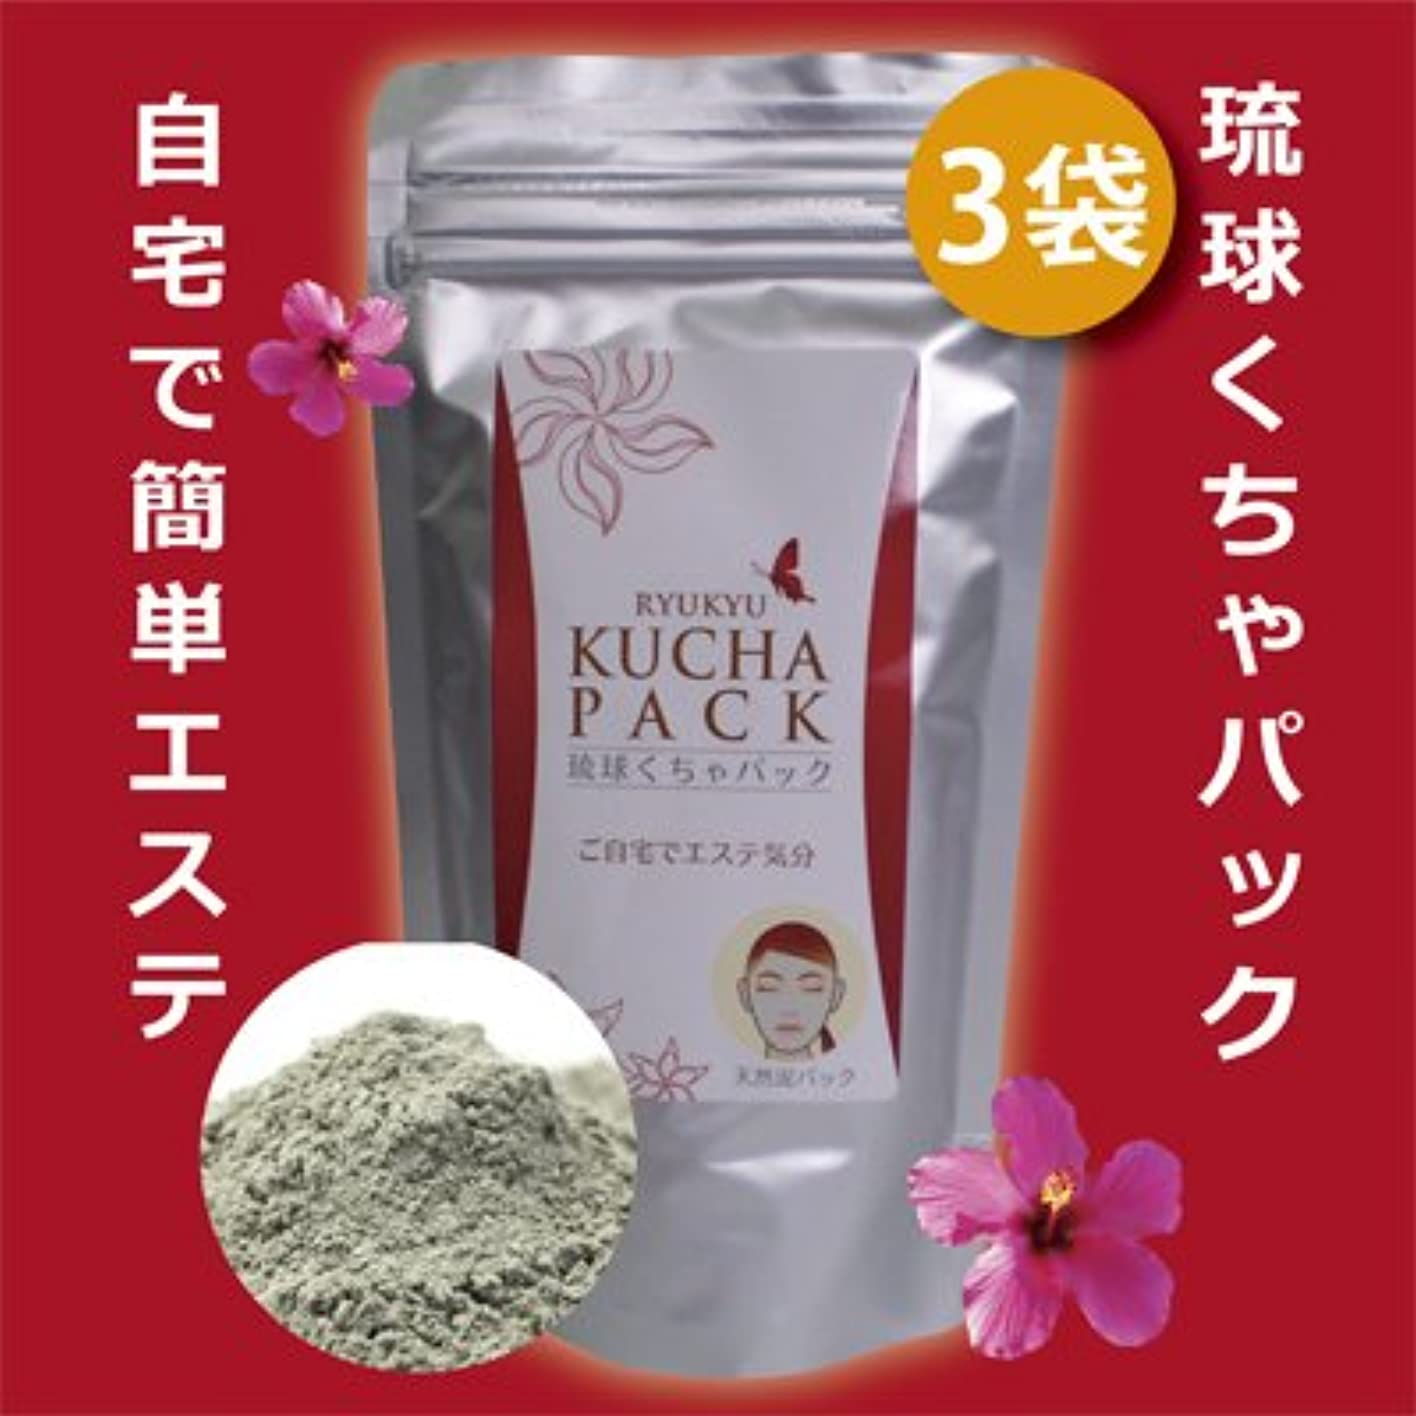 祭り膨らませる成人期美肌?健康作り 月桃水を加えた使いやすい粉末 沖縄産 琉球くちゃパック 150g 3パック